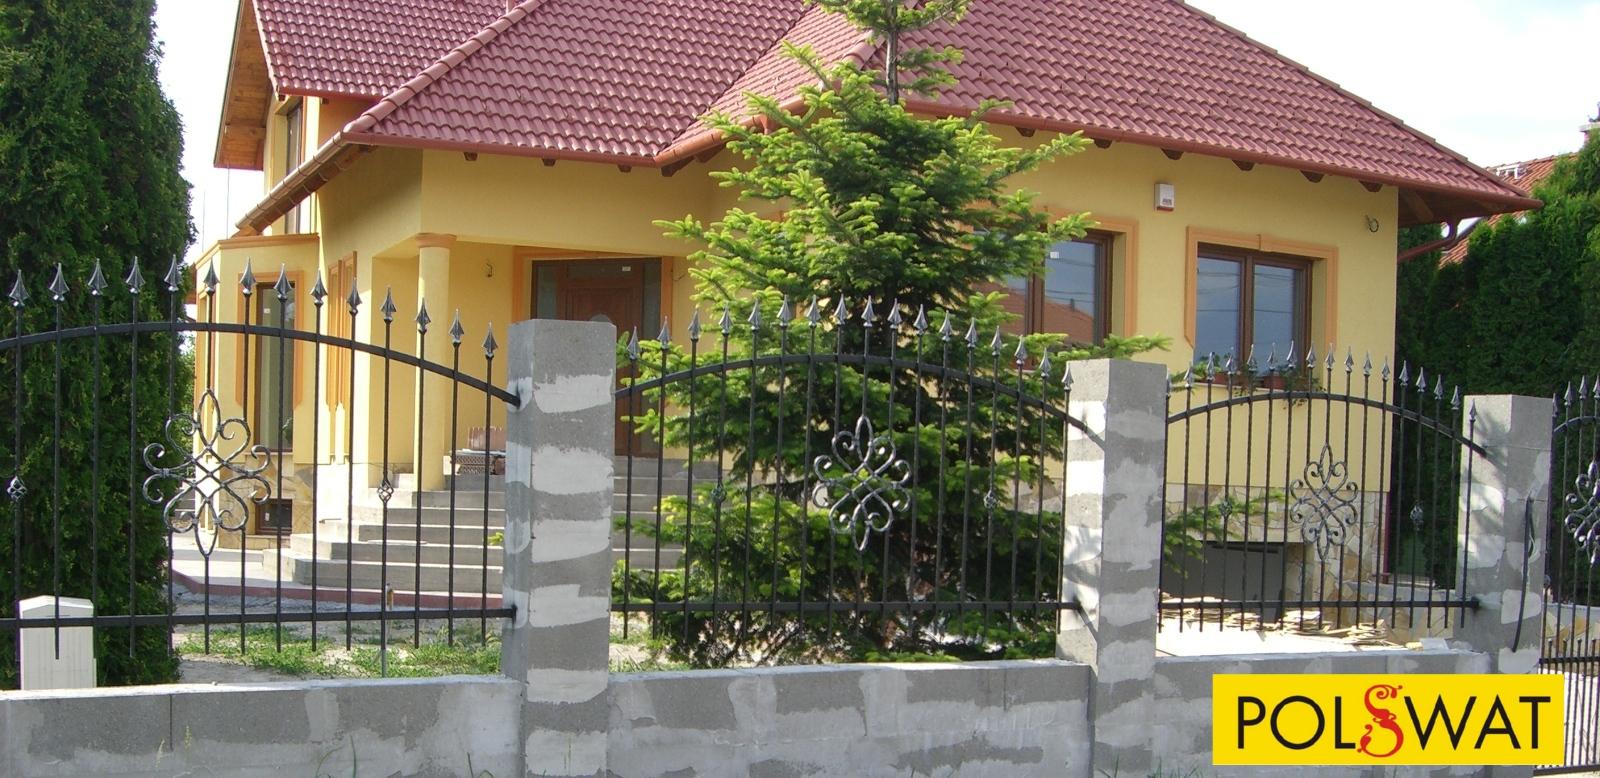 lefestett kovácsoltvas kerítés